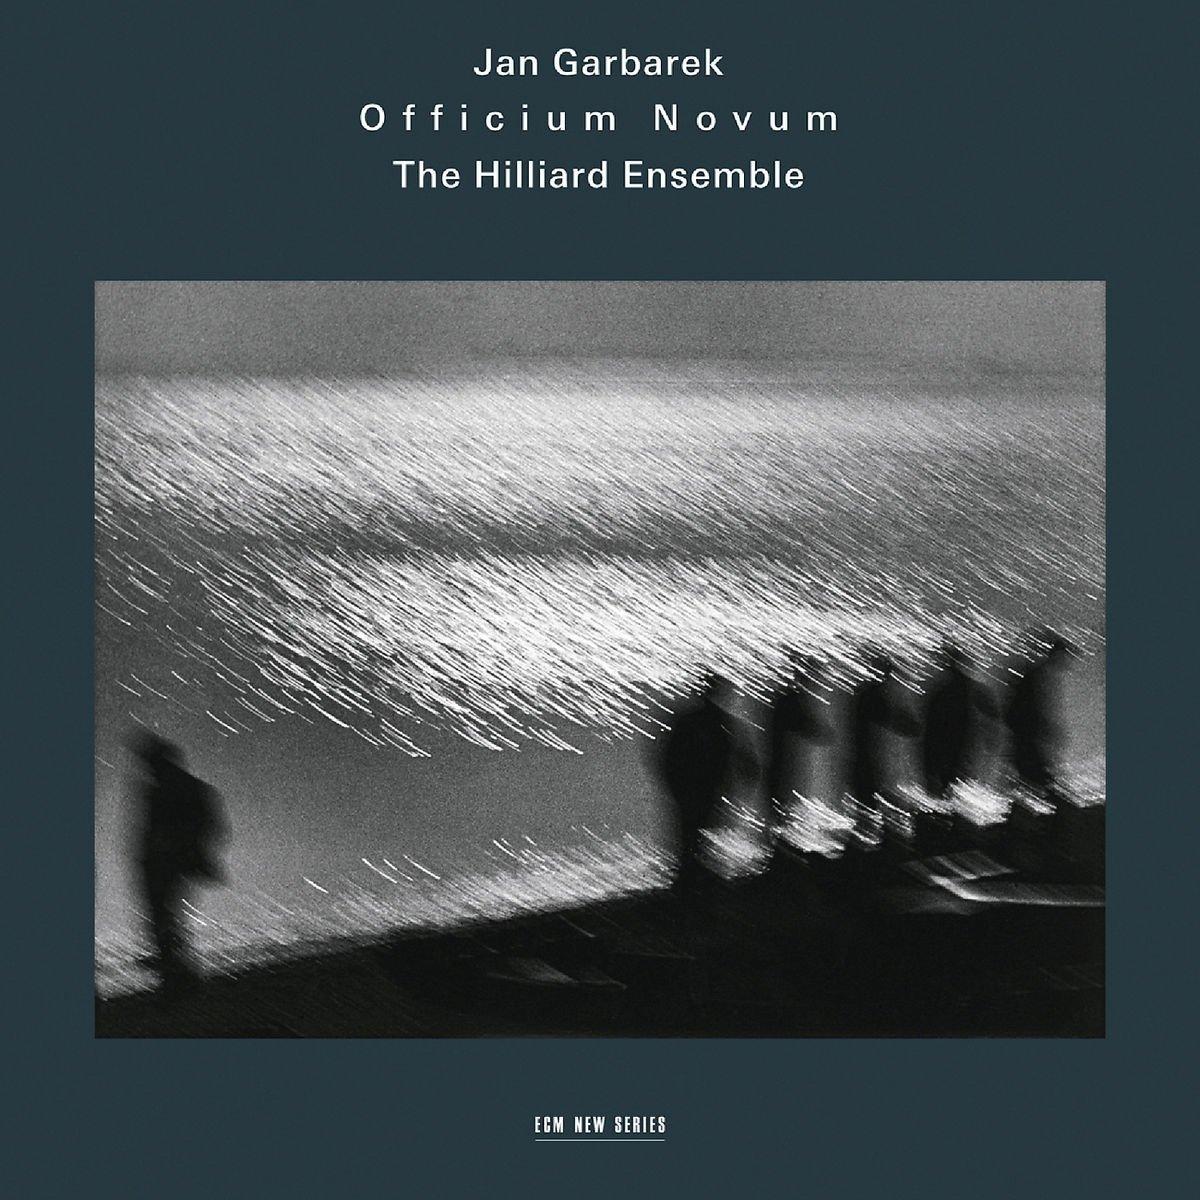 Officium Novum by CD